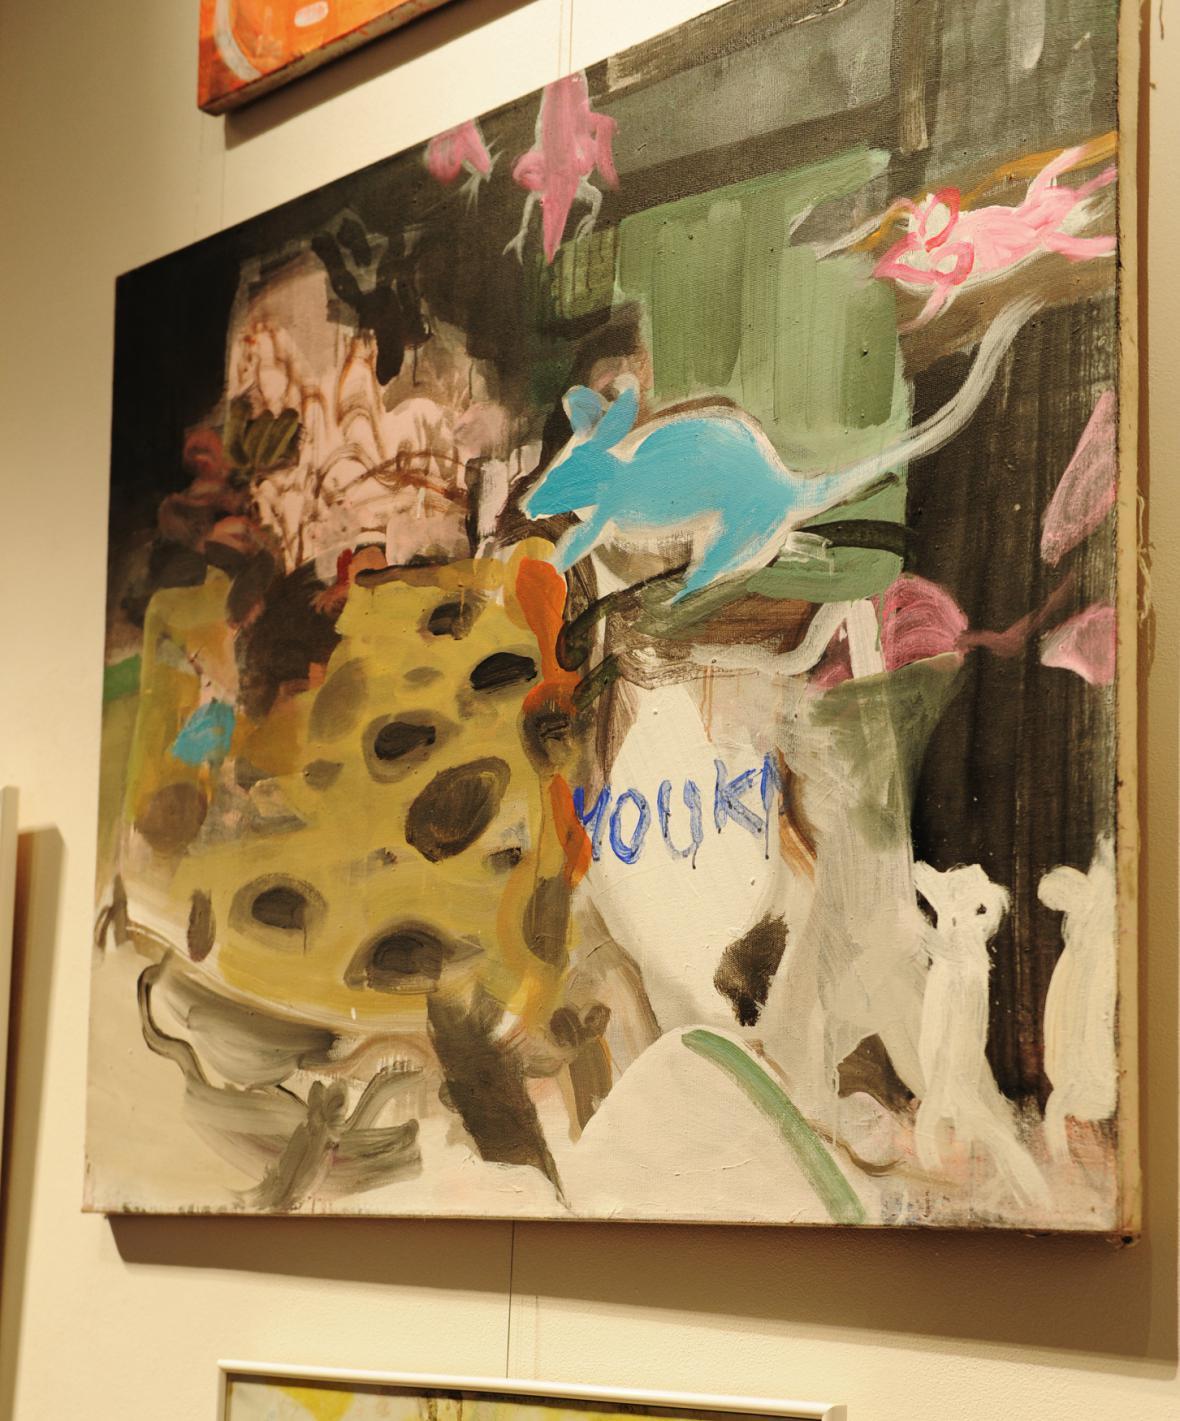 Vernisáž obrazů Vladimíra Franze v galerii Mánes